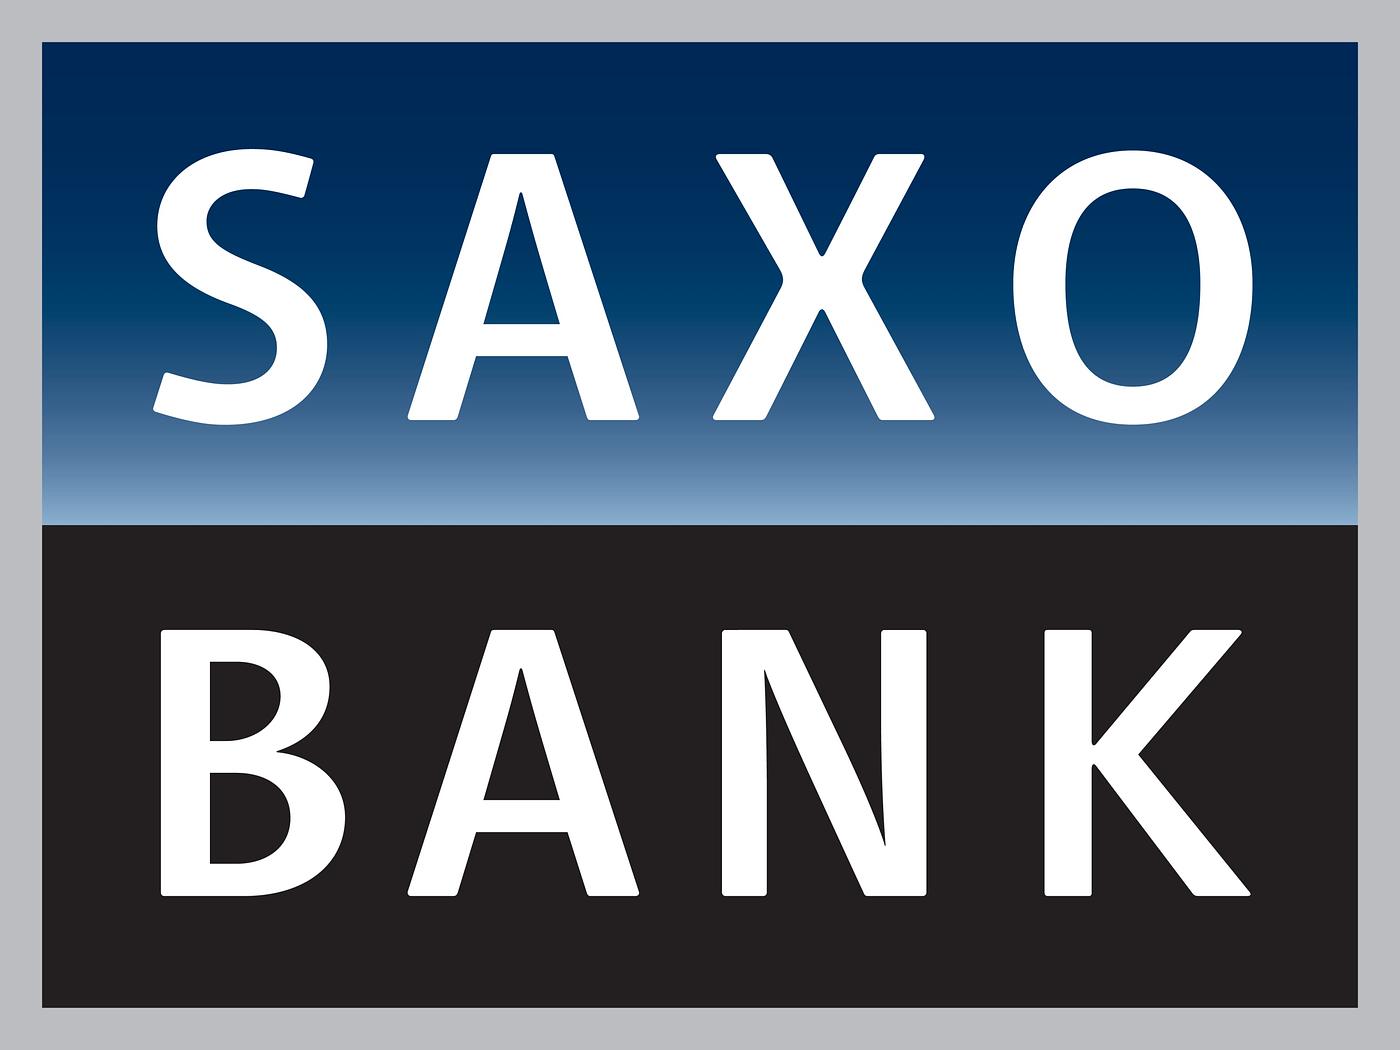 Saxologo2587x1940 logo a3